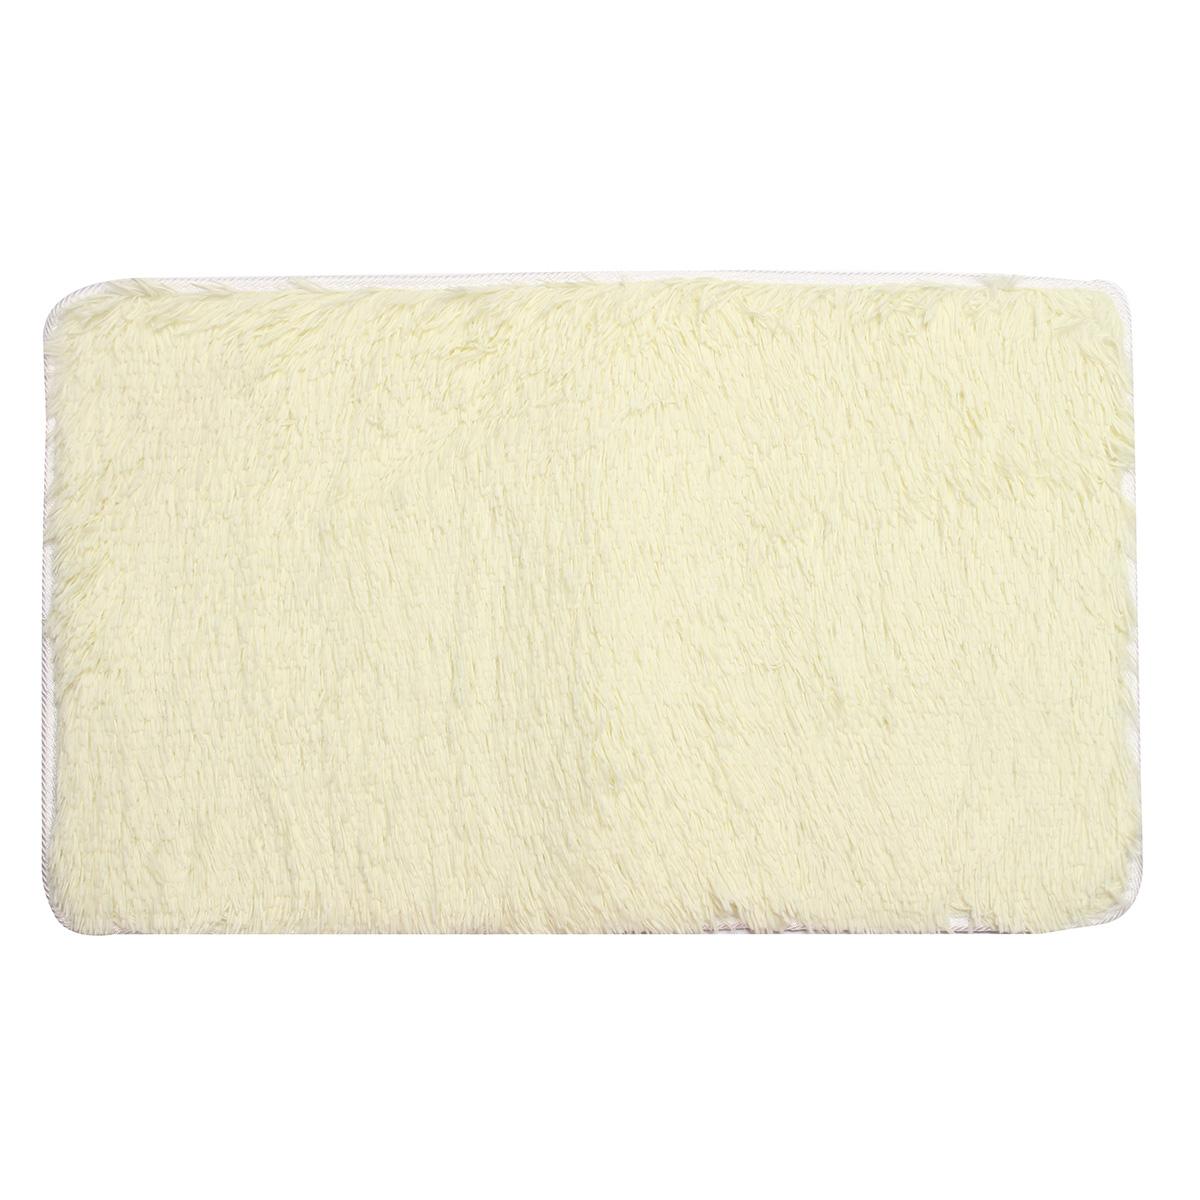 80x50см absrobent лохматый ковер домой Антипробуксовочная коврик коврик для спальни мягкая